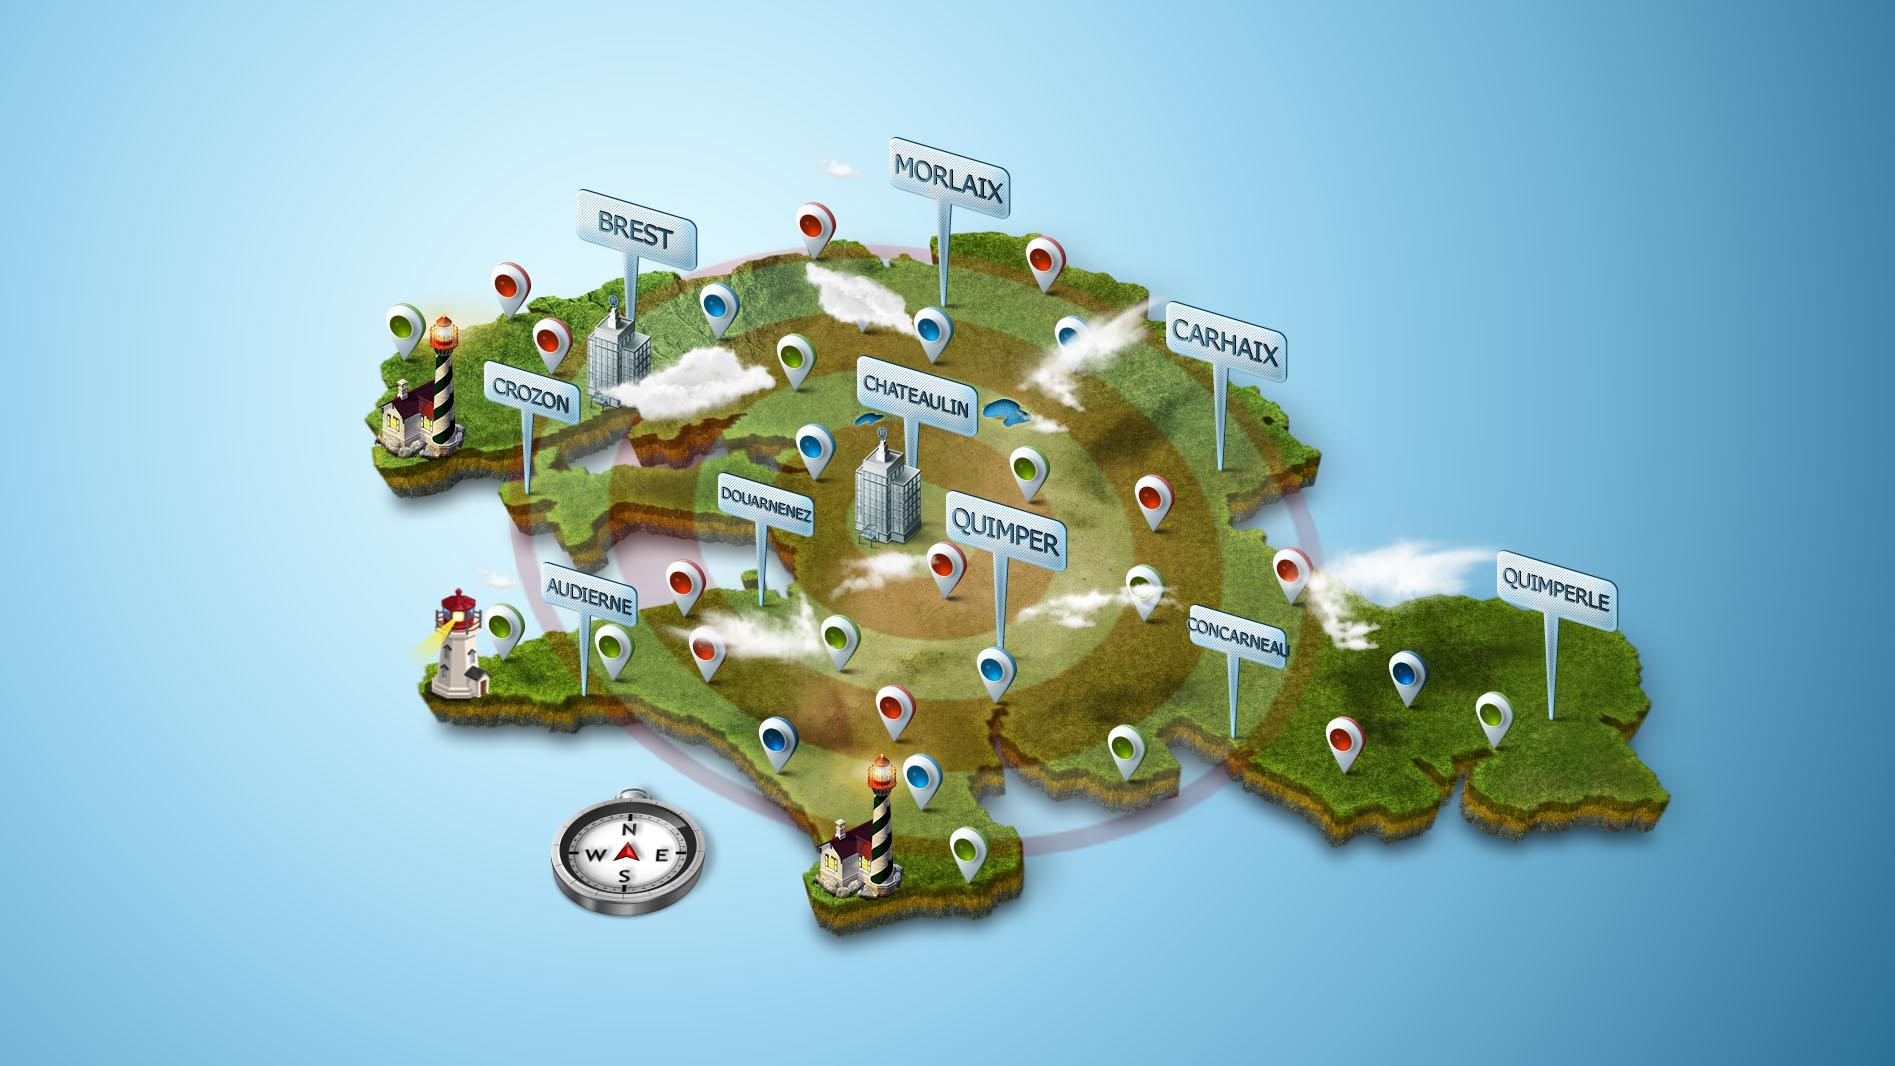 Pour organiser un stage photo sur mesure, en groupe ou individuel, contactez S&F Photo : des stages photo dans tout le Finistère